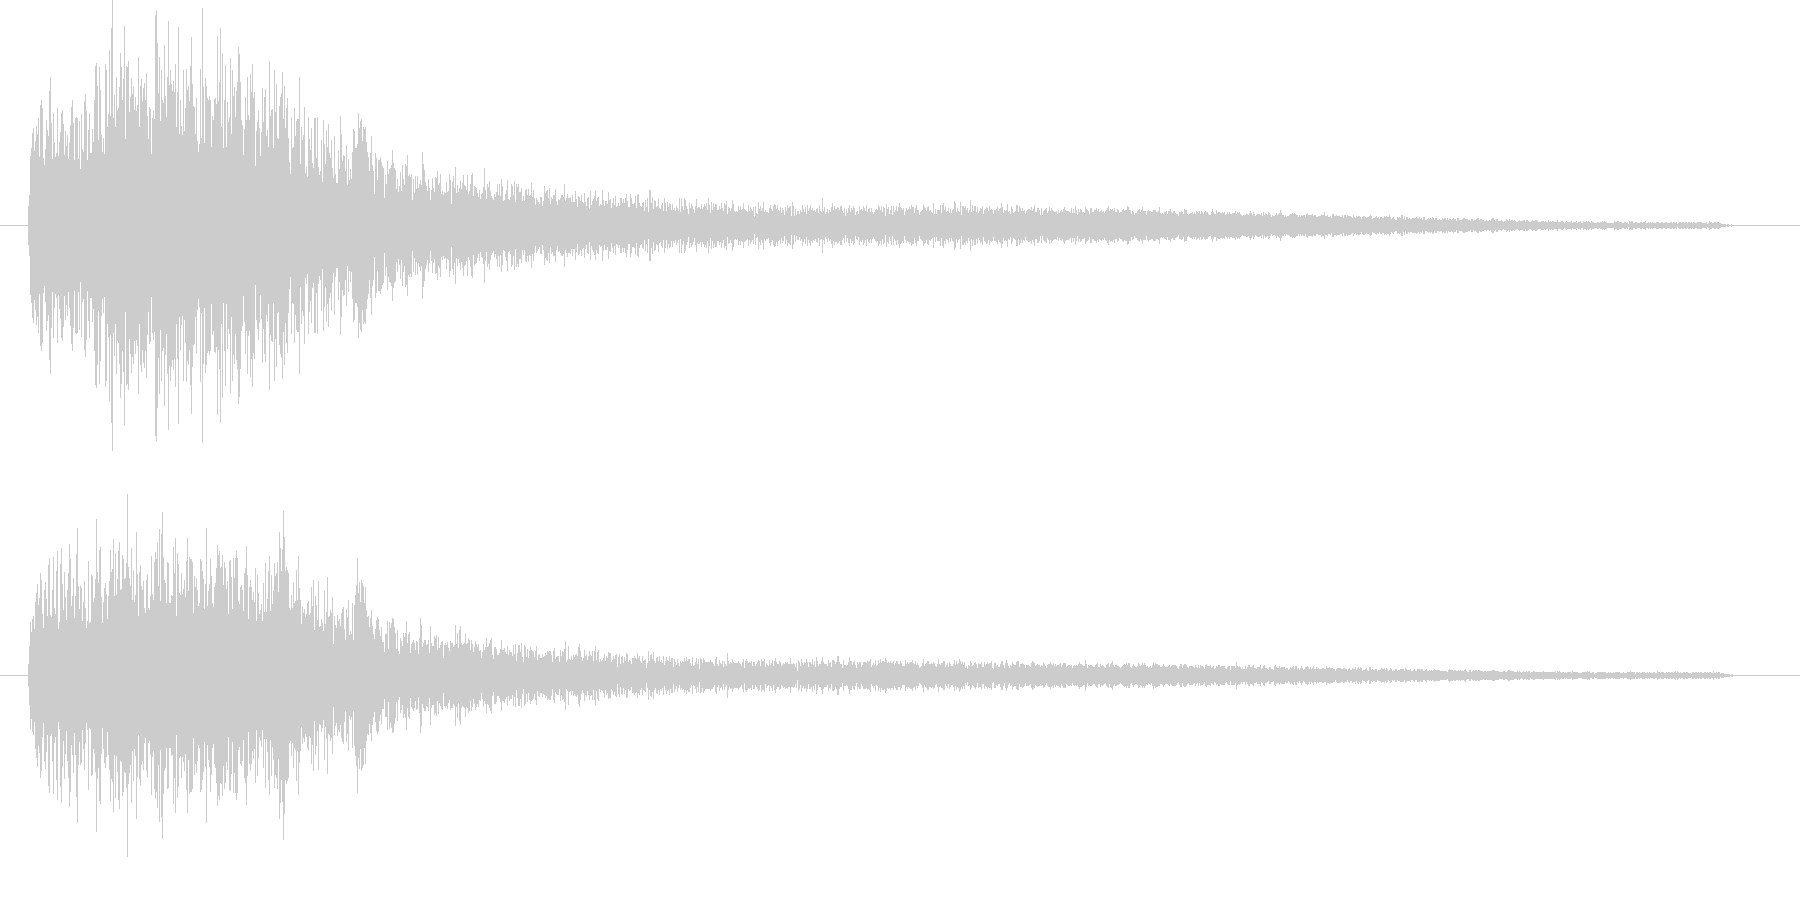 ブラックな音 波紋のような音 ピアノ音の未再生の波形